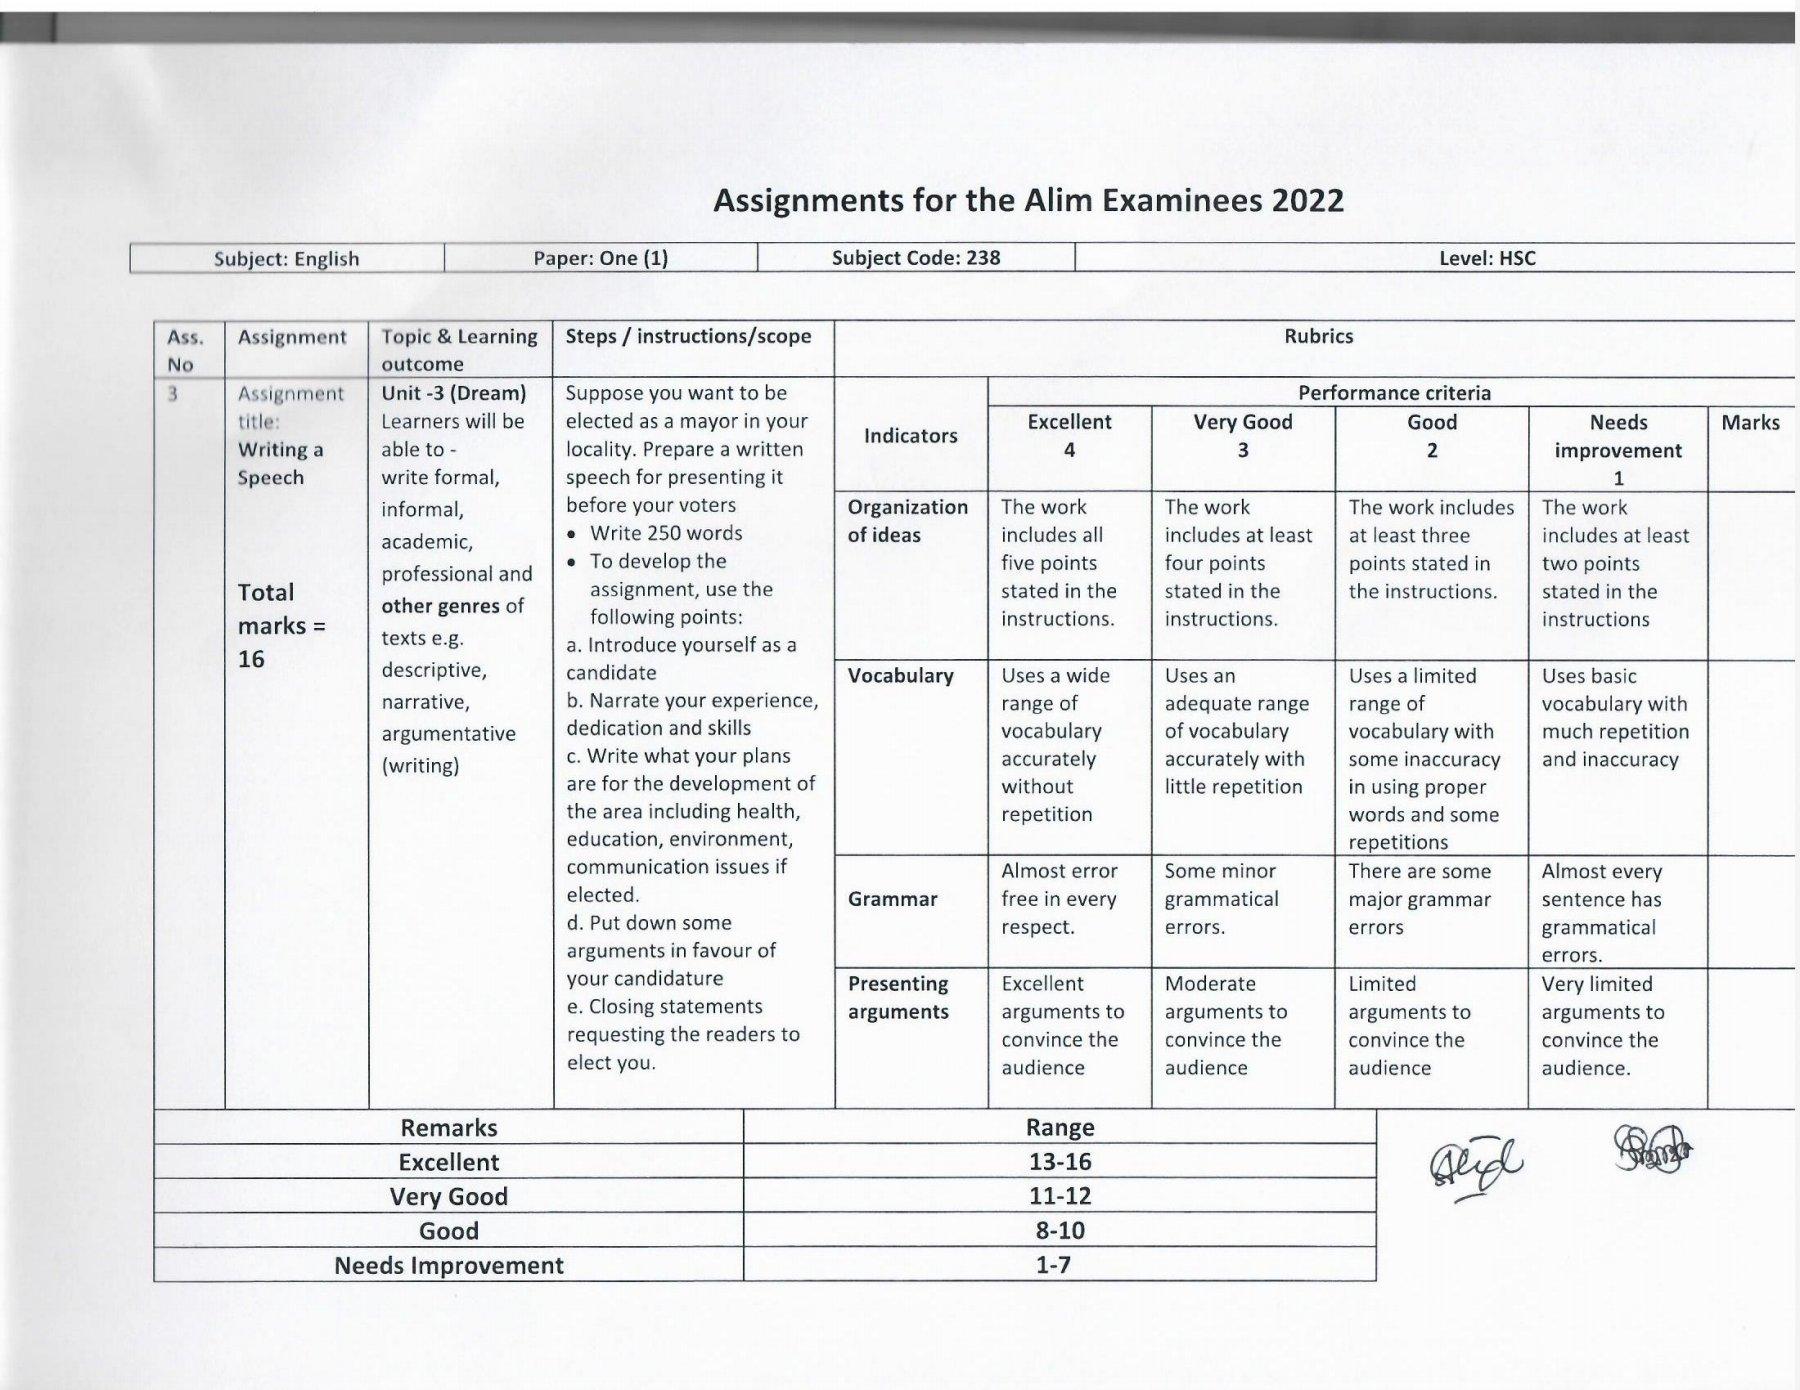 আলিম এসাইনমেন্ট ২০২২ উত্তর/সমাধান ইংরেজি (৭ম সপ্তাহ) PDF | Writing A Speech | আলিম ২০২২ ইংরেজি এসাইনমেন্ট উত্তর /উত্তর ইংরেজি